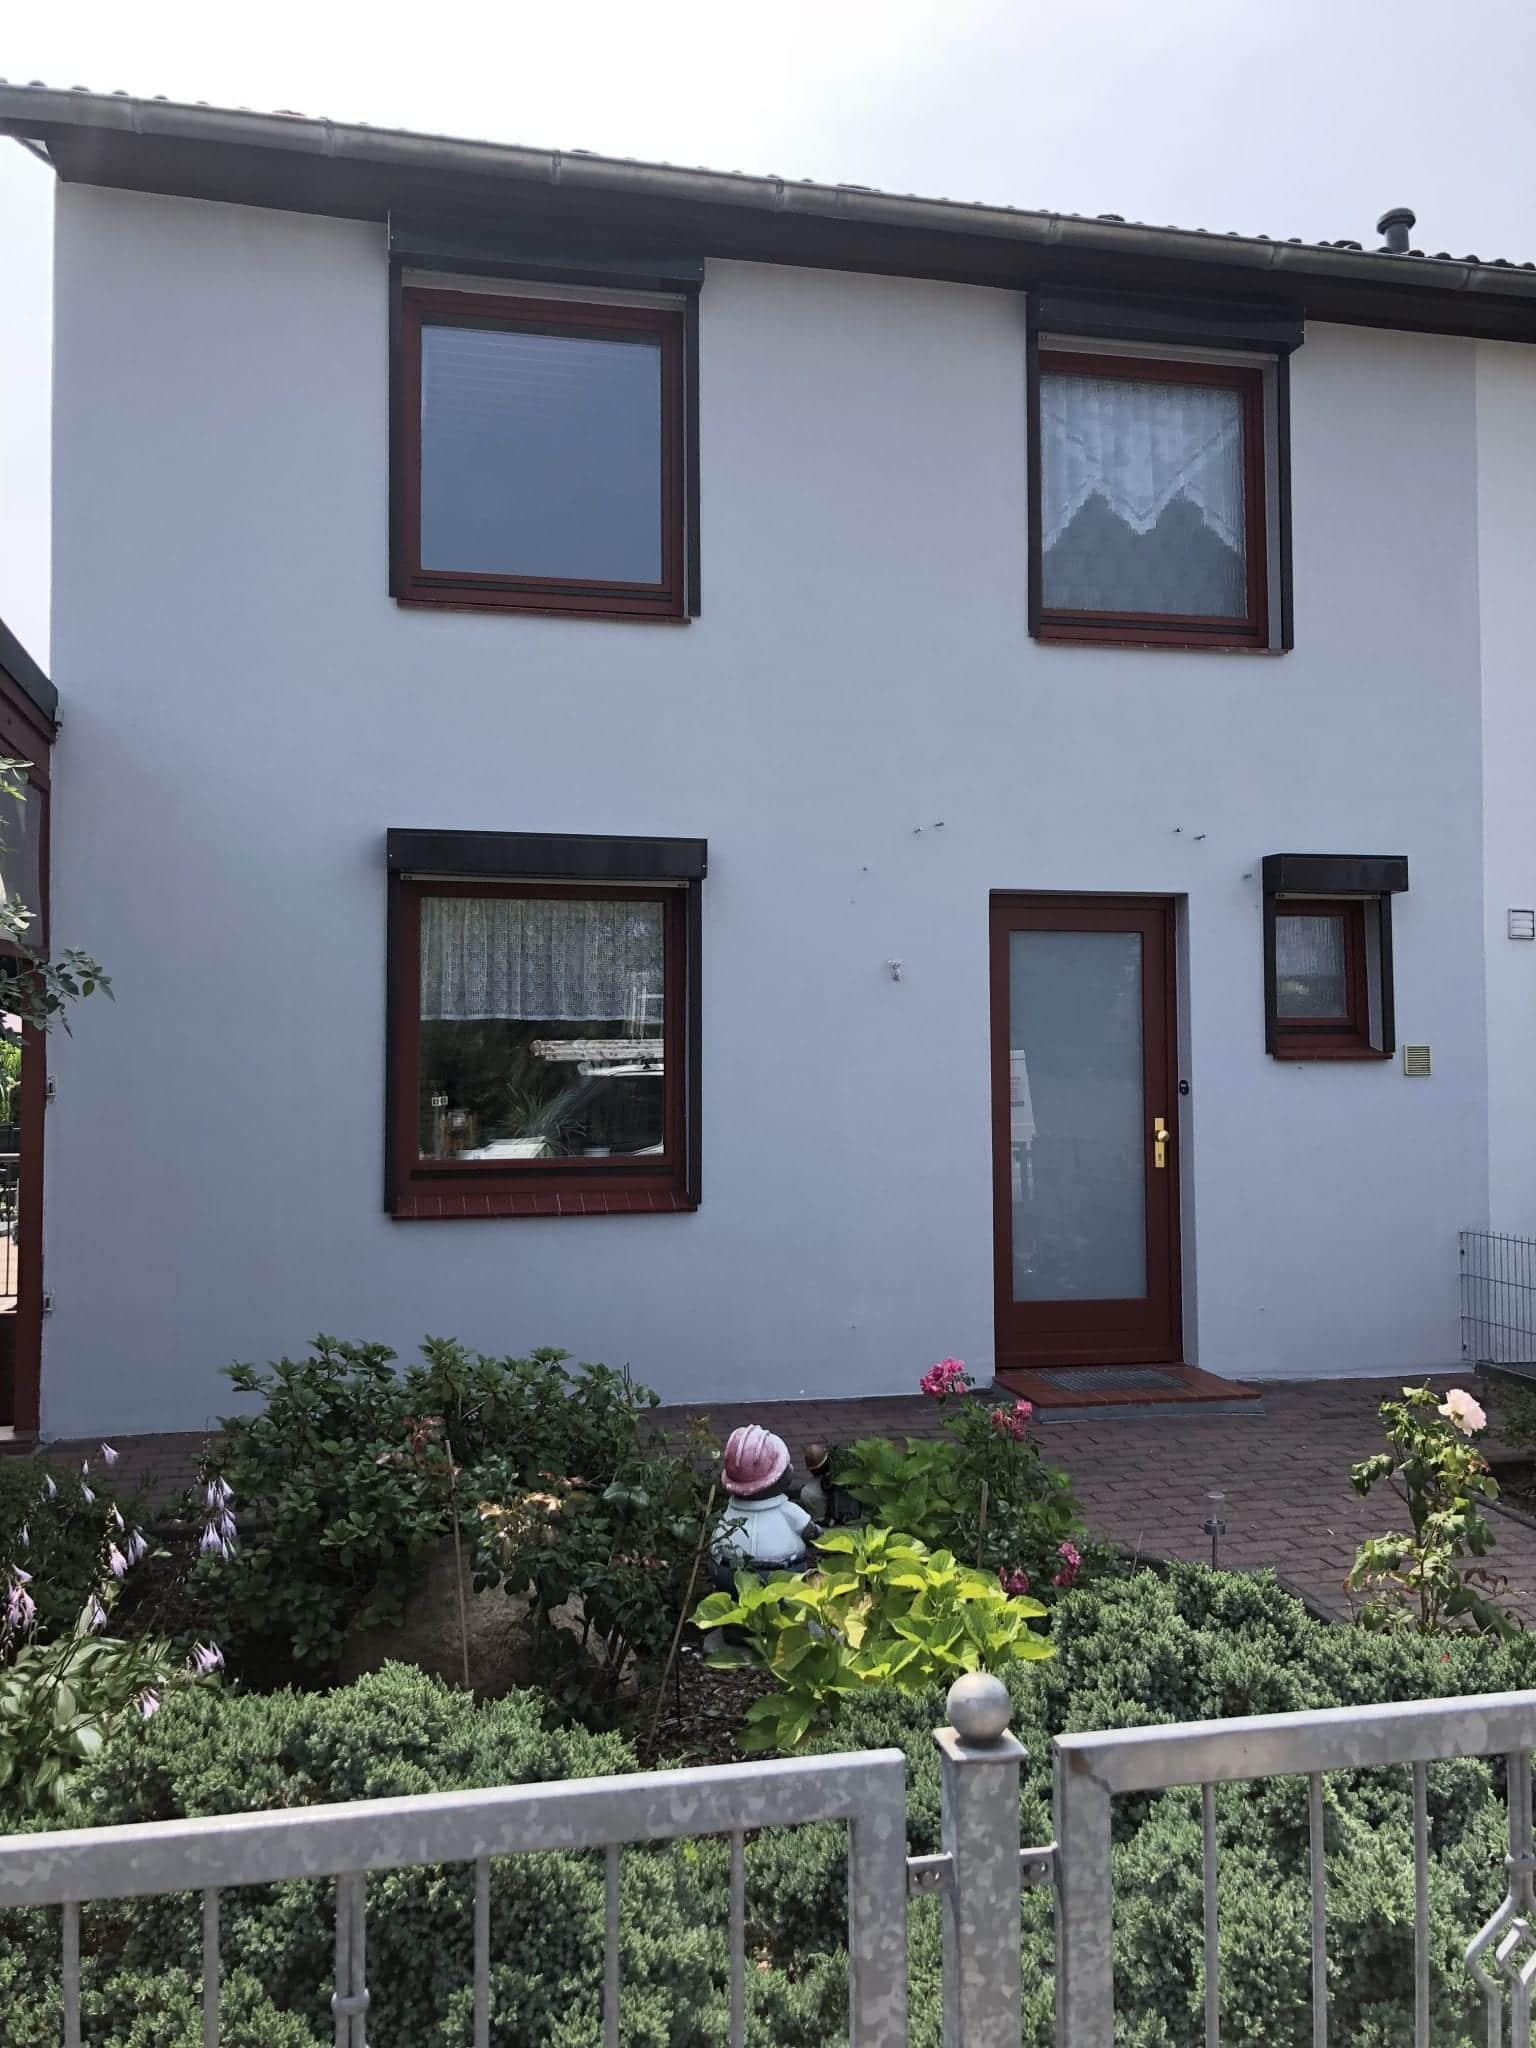 fassadenanstrich maler hamburg preise kosten pro qm 015224344935. Black Bedroom Furniture Sets. Home Design Ideas